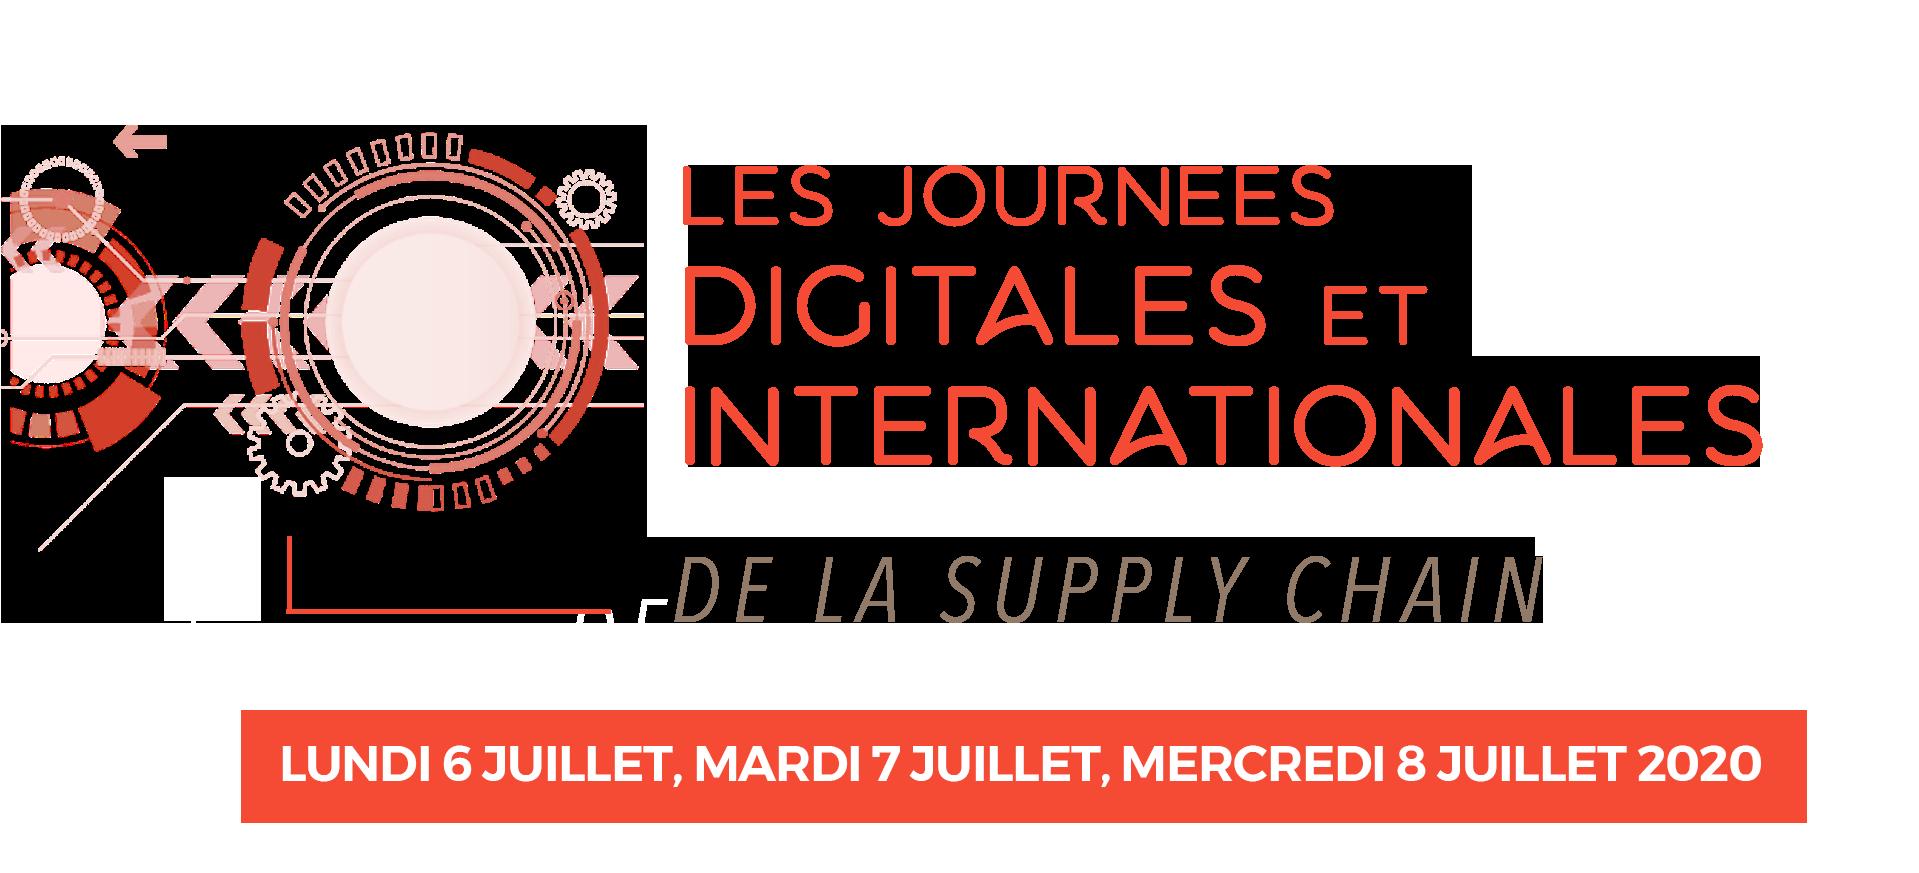 Les journées digitales et internationales de la supply chain